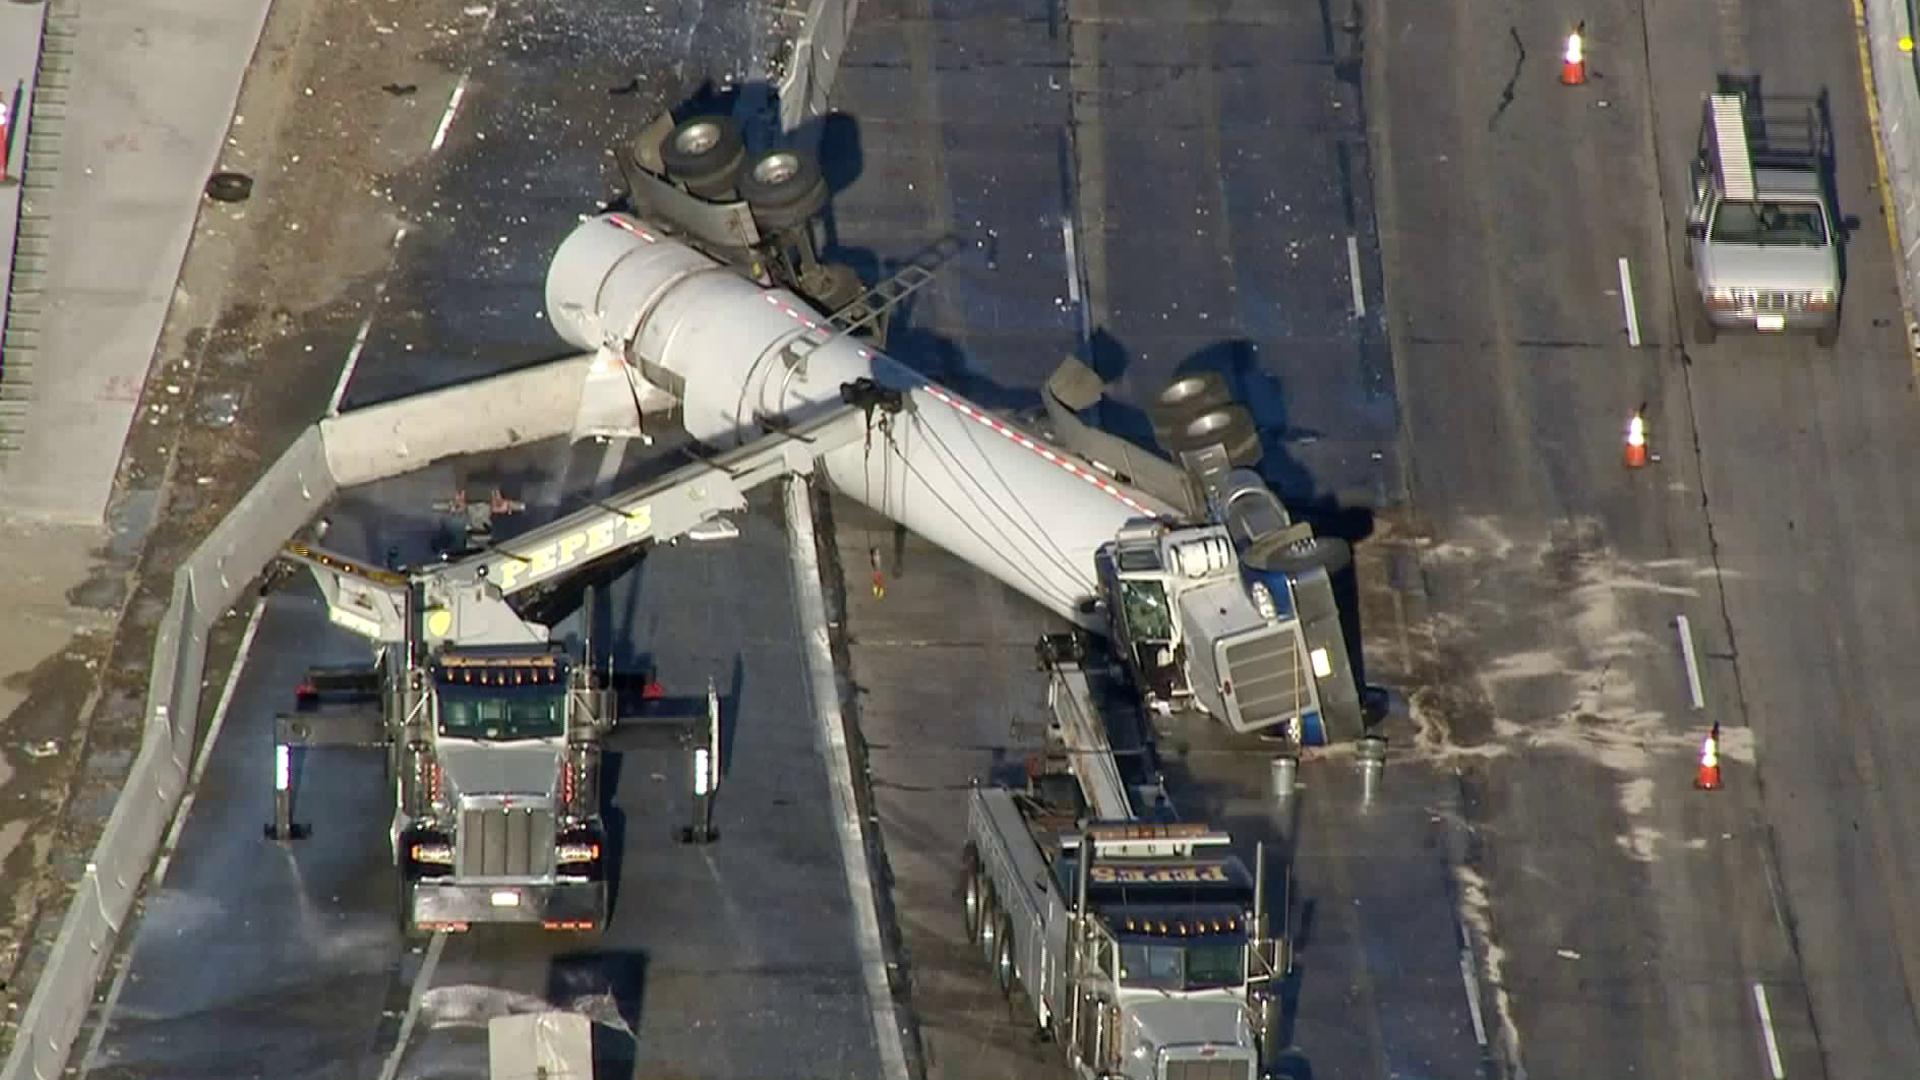 A milk tanker overturned on the 5 Freeway in Burbank on Nov. 22, 2017. (Credit: KTLA)